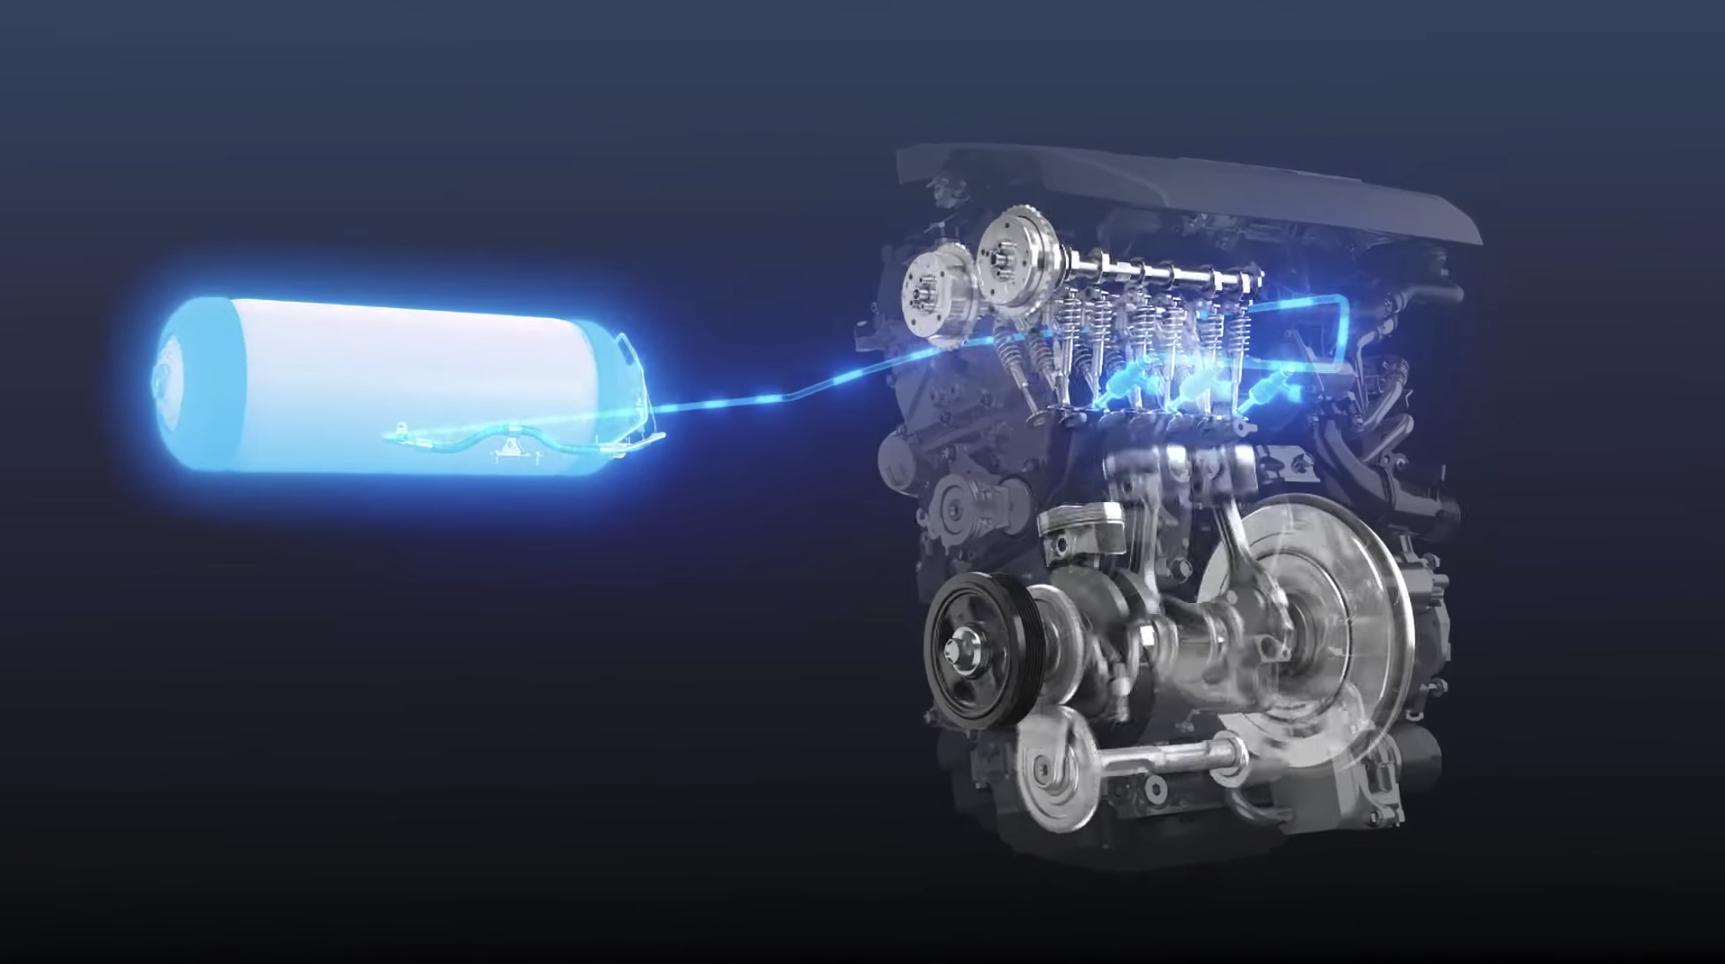 トヨタが開発した「水素エンジン」、燃料電池と何が違うのか?